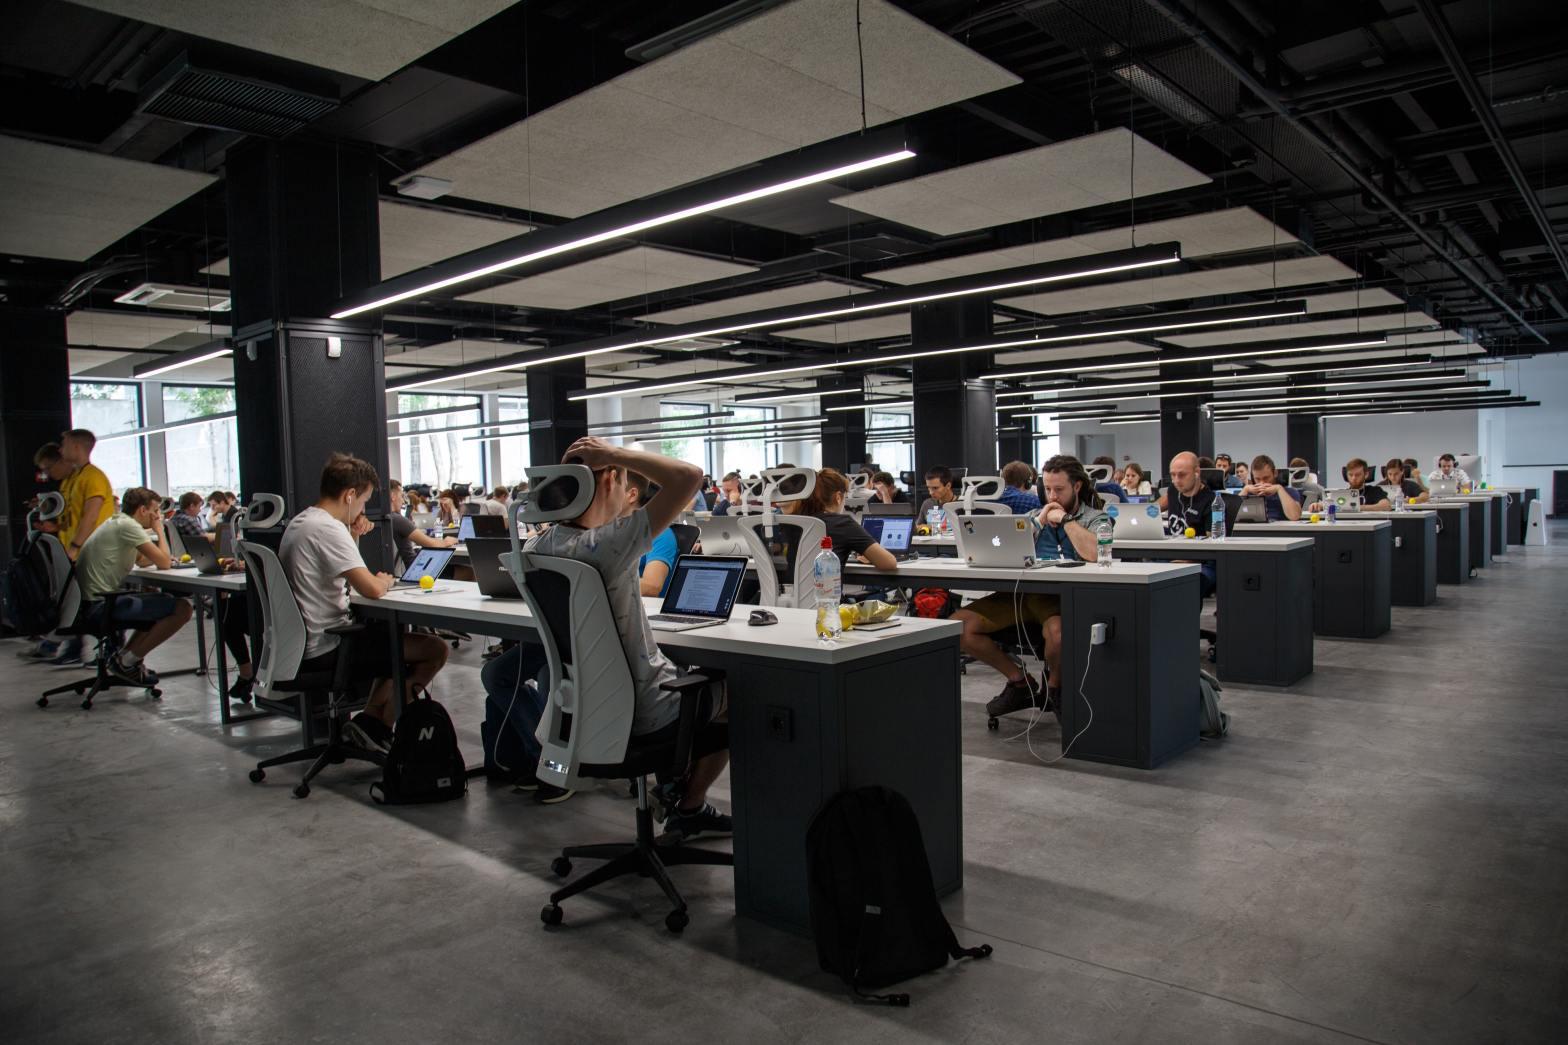 Bioethics work at desks